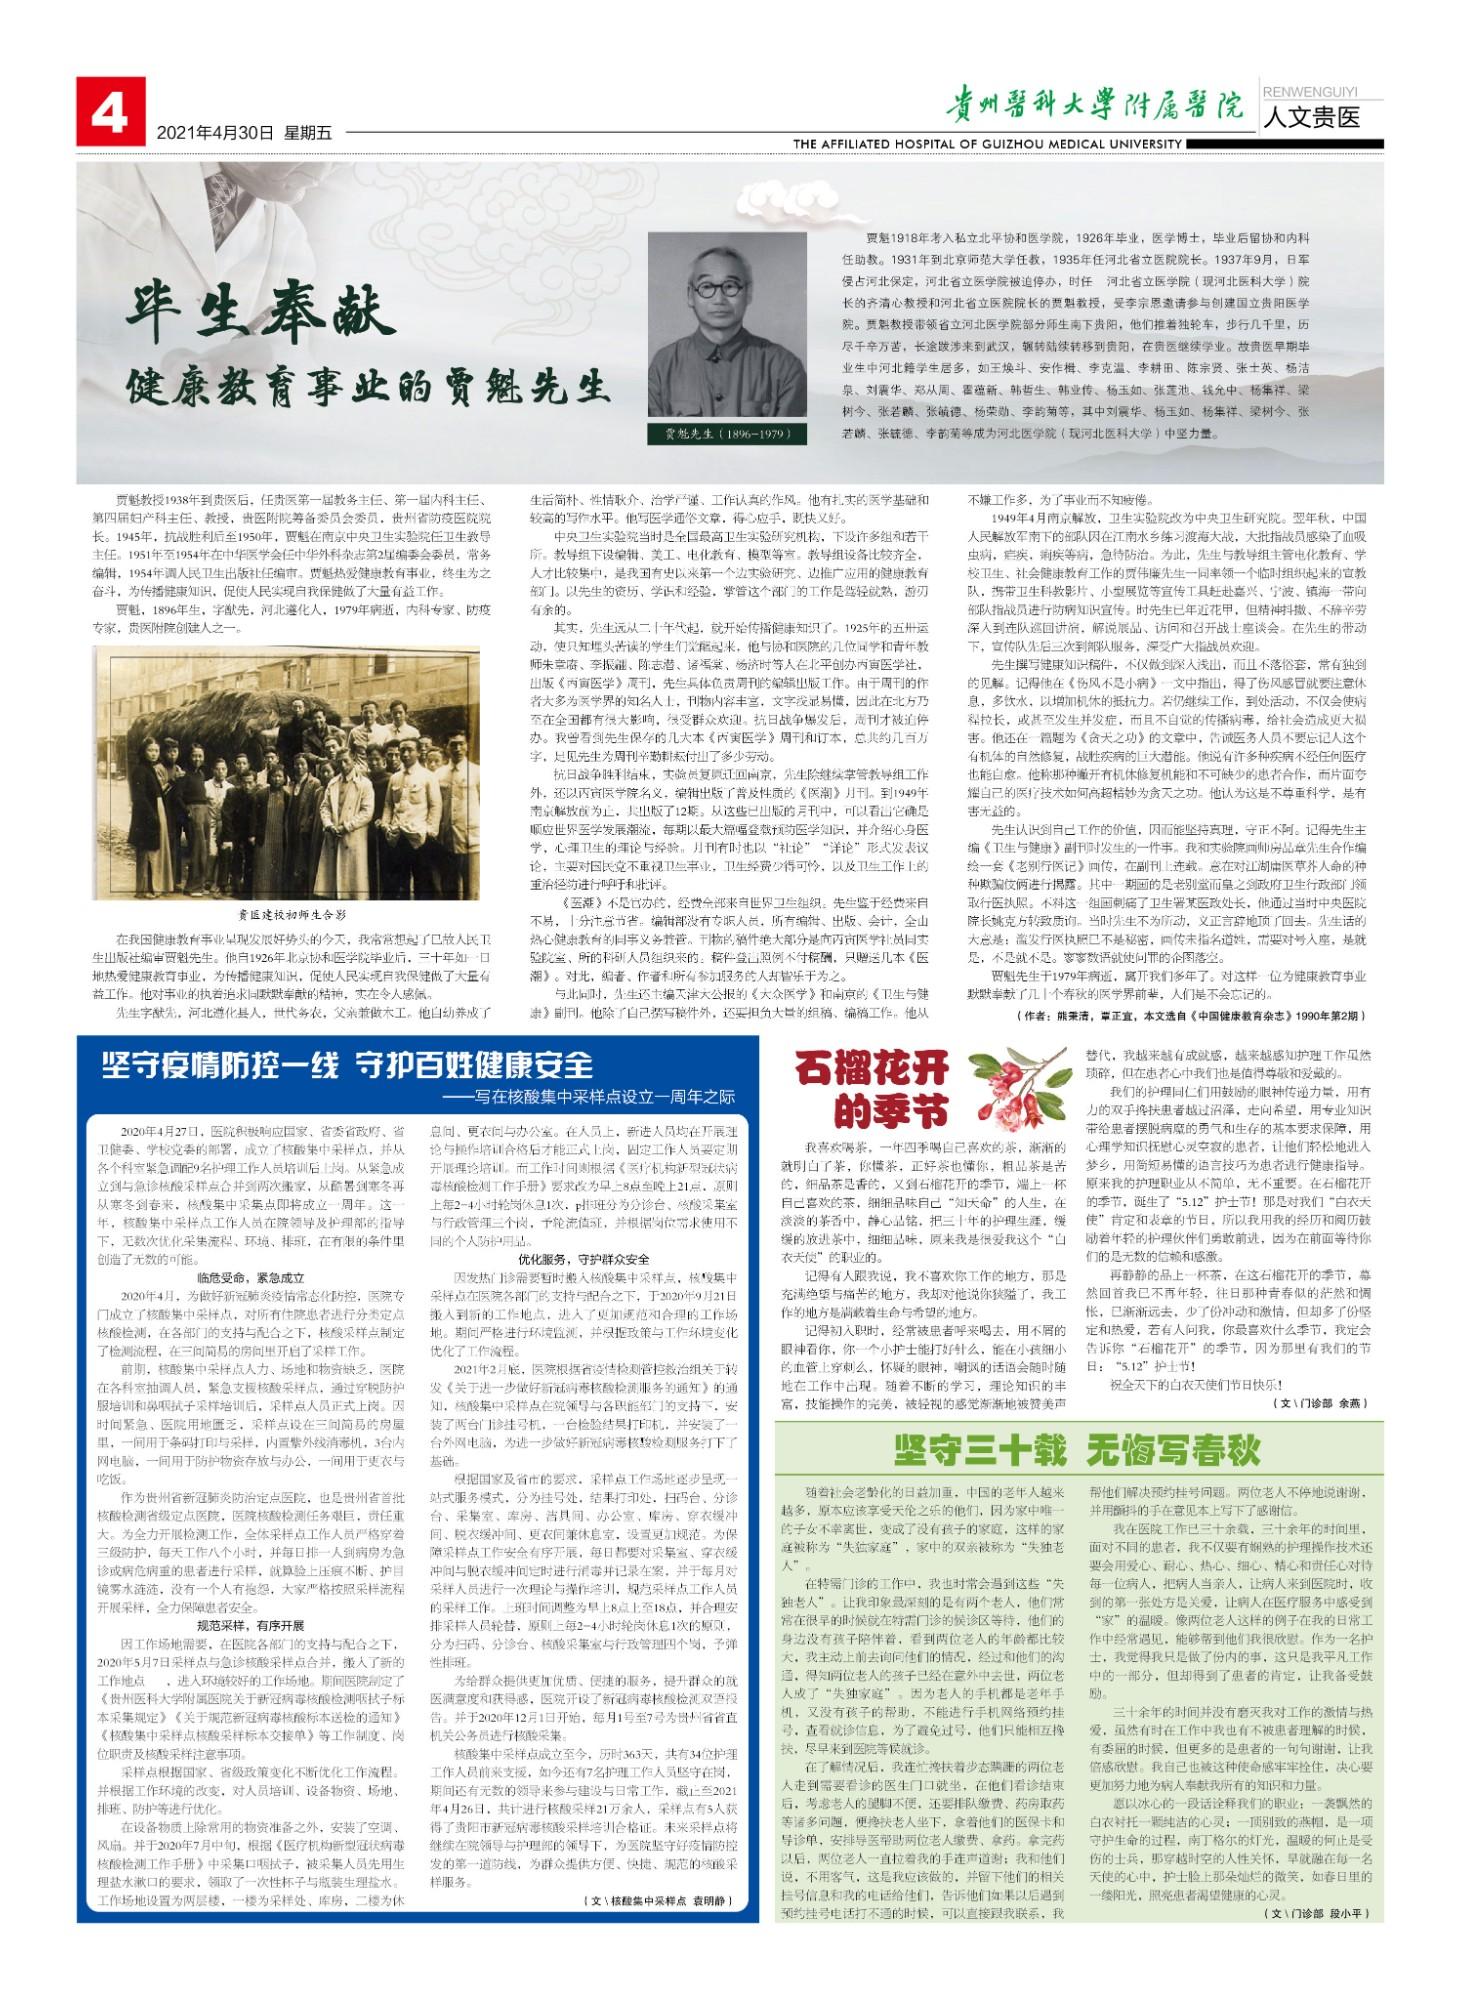 贵医报121期4版